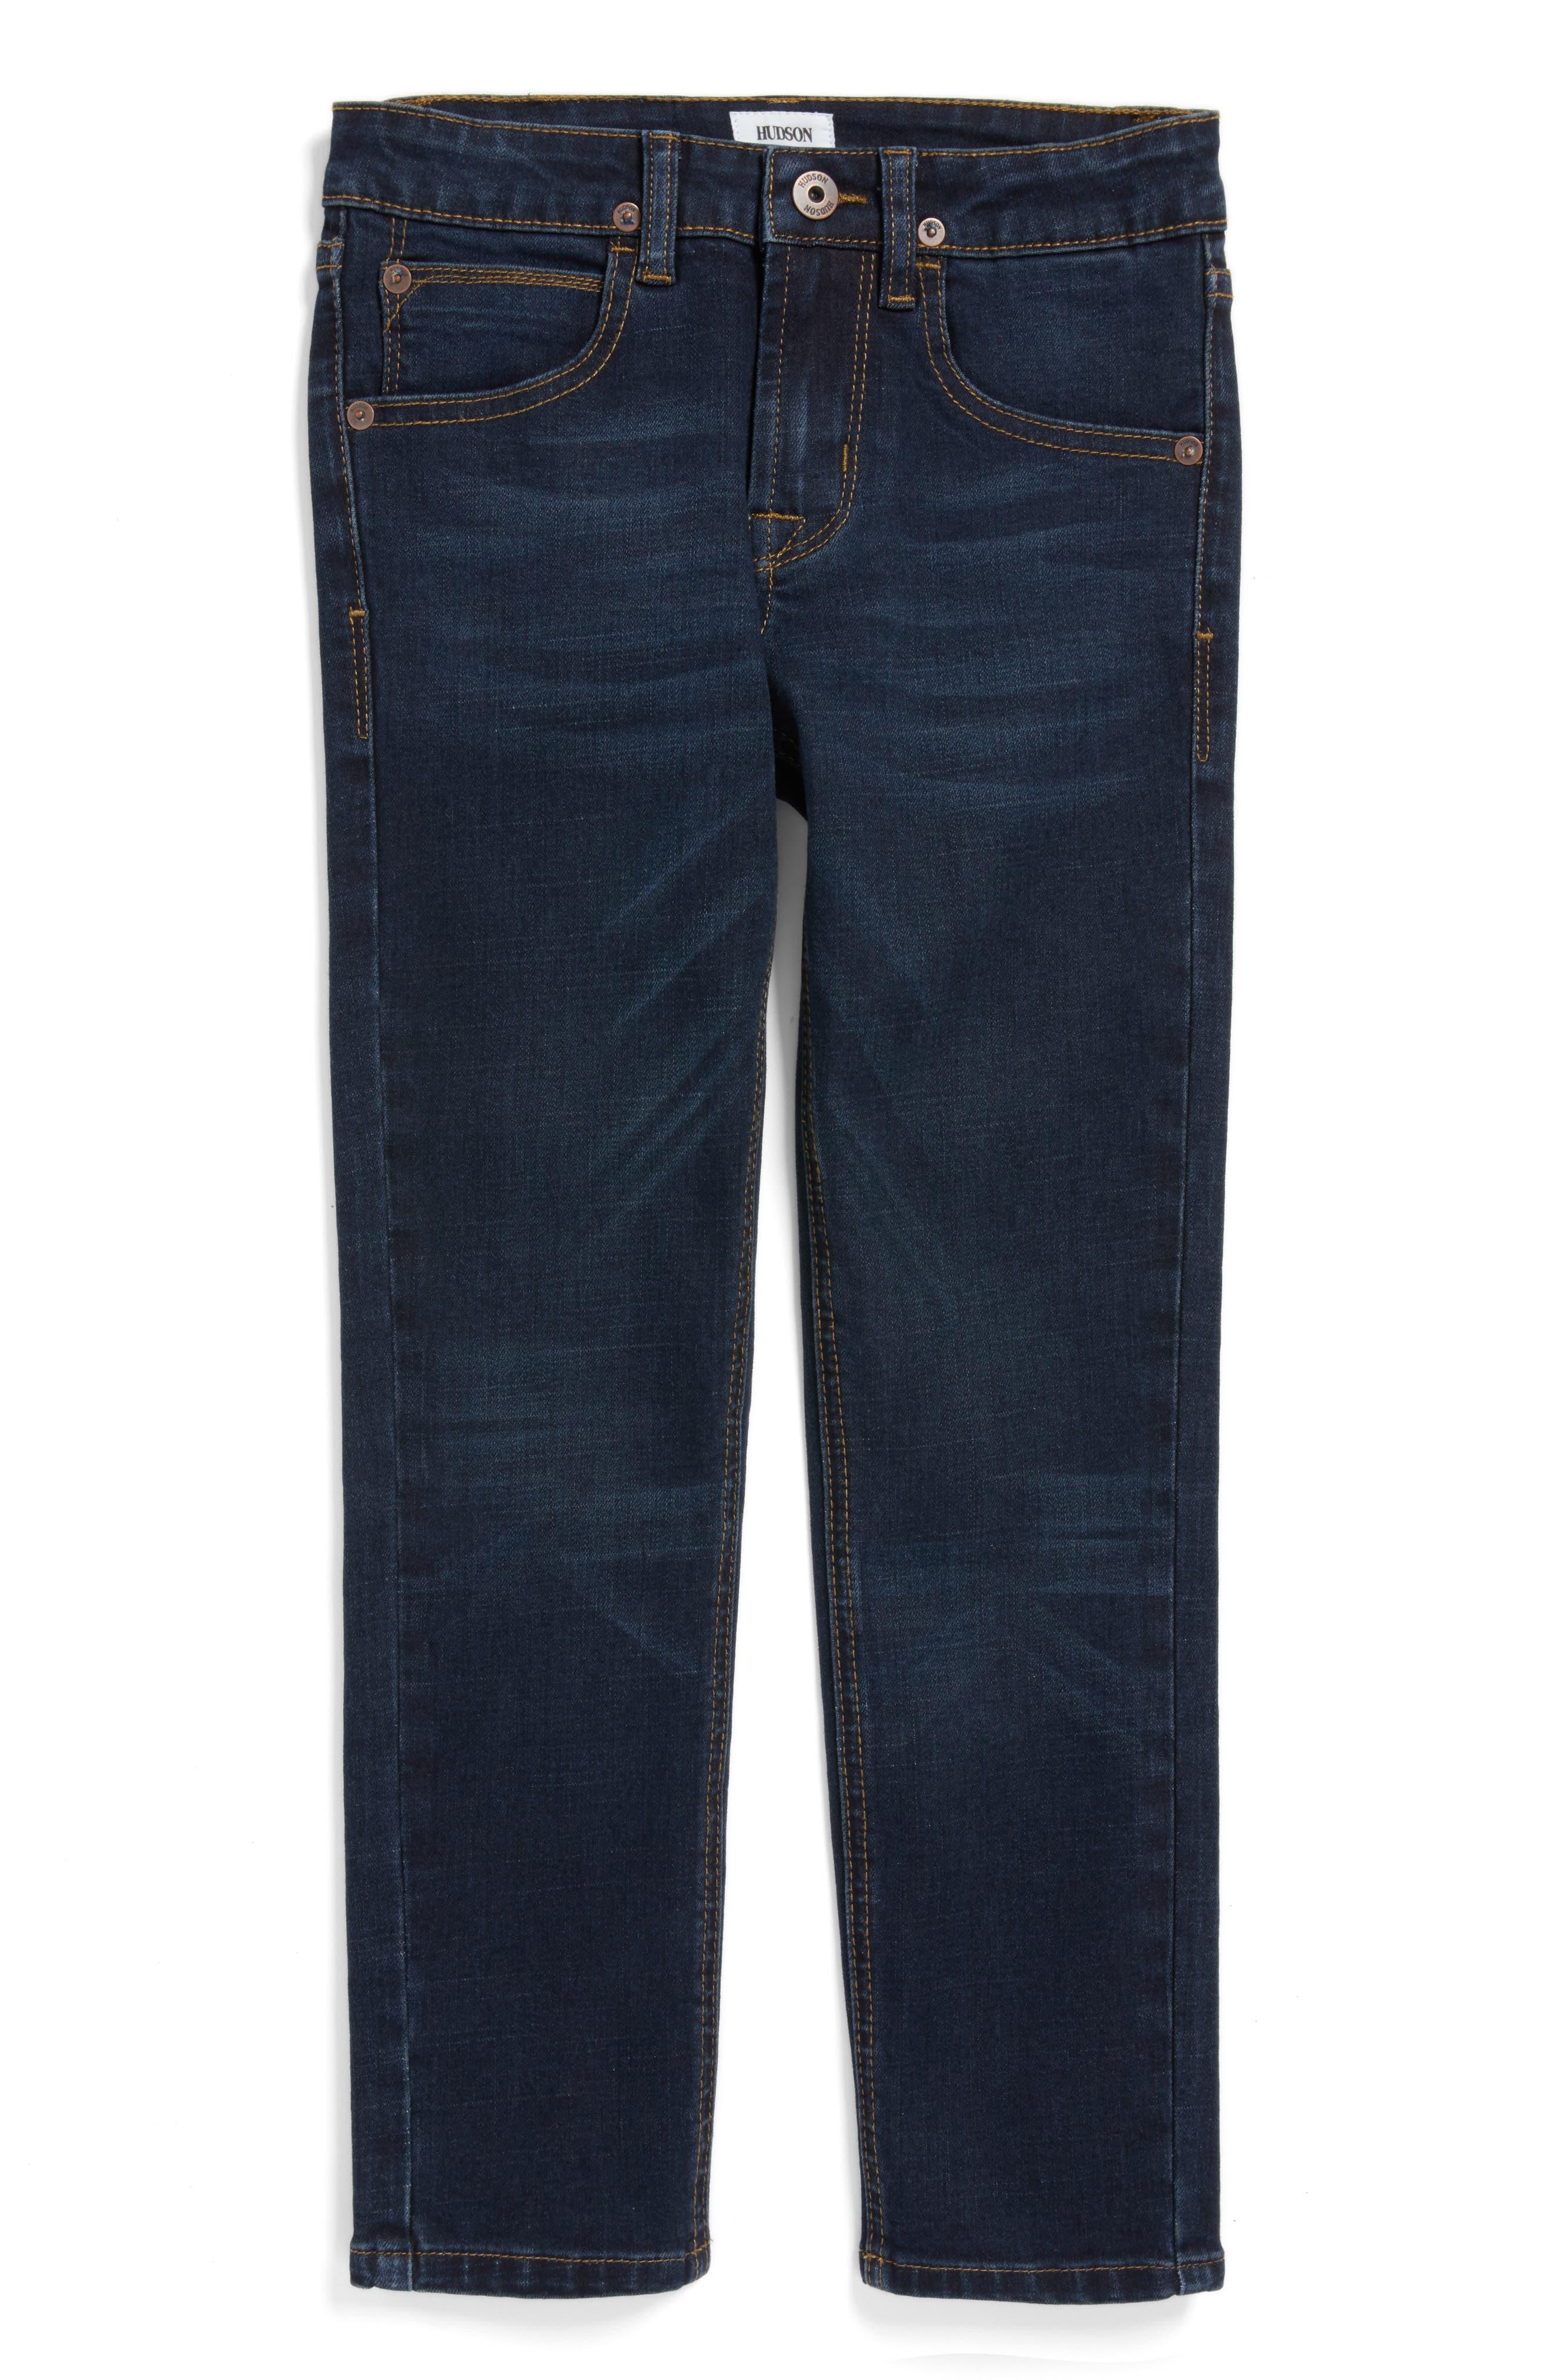 Alternate Image 1 Selected - Hudson Jagger Slim Straight Leg Jeans (Toddler Boys, Little Boys & Big Boys)